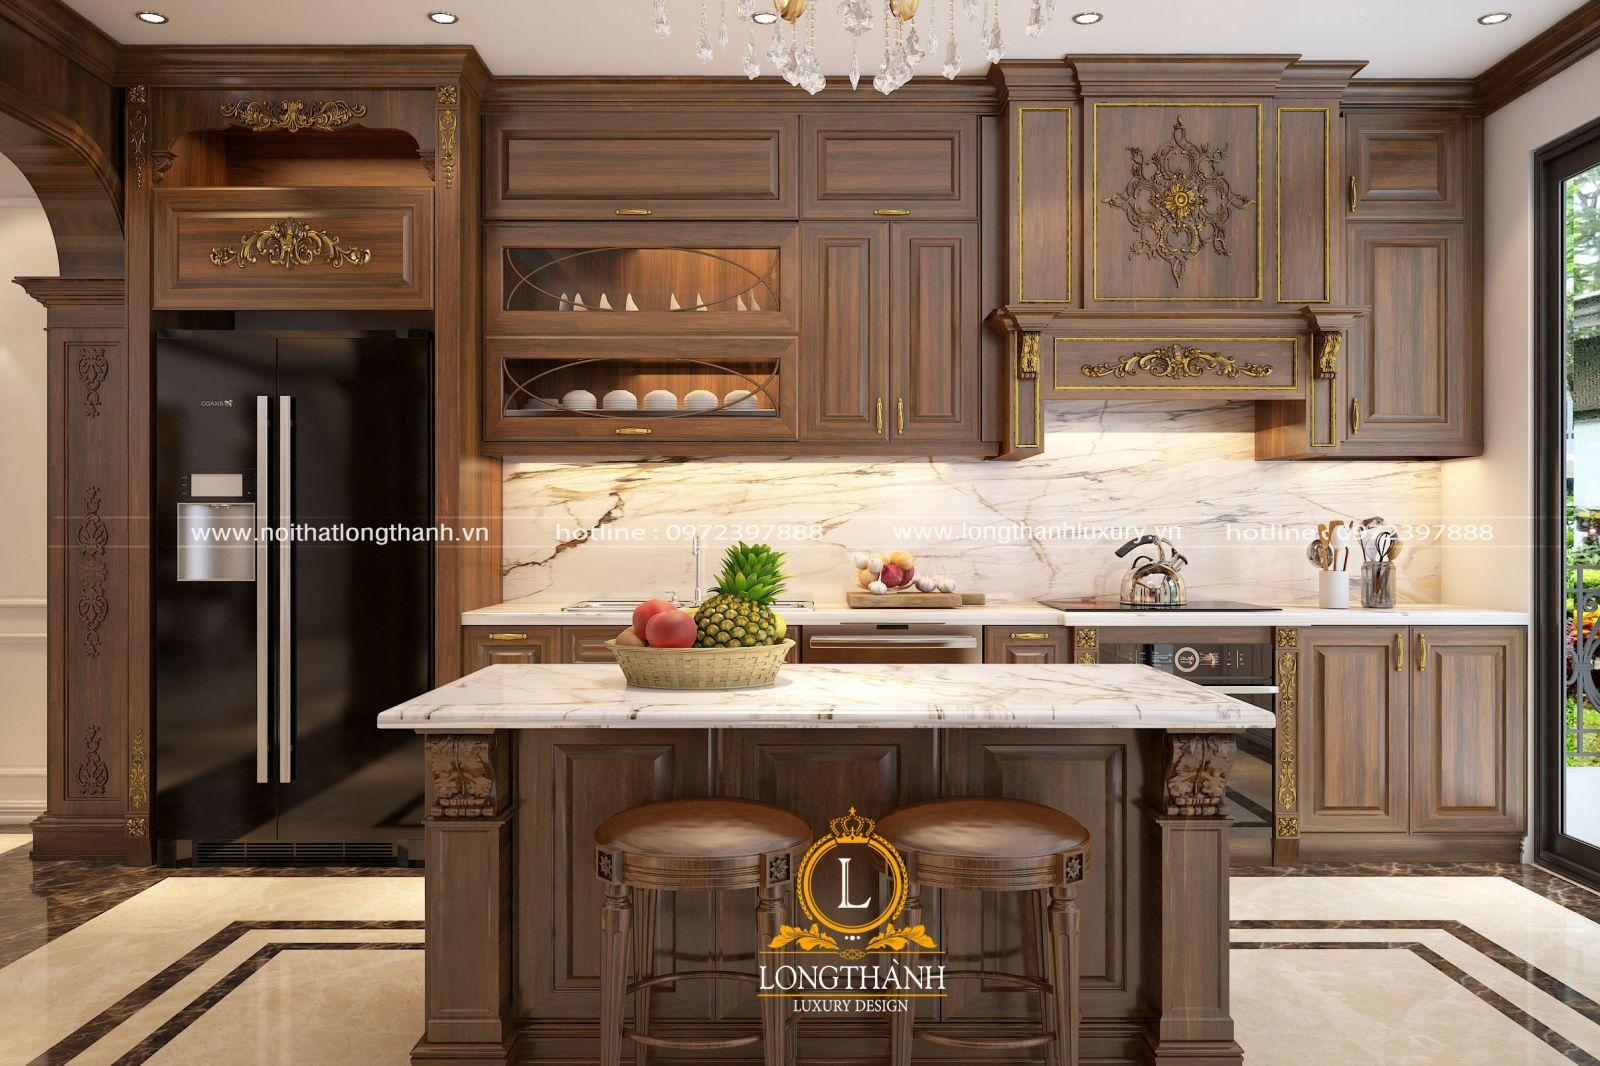 Mẫu tủ bếp đẹp chất lượng gỗ Gõ tự nhiên cao cấp